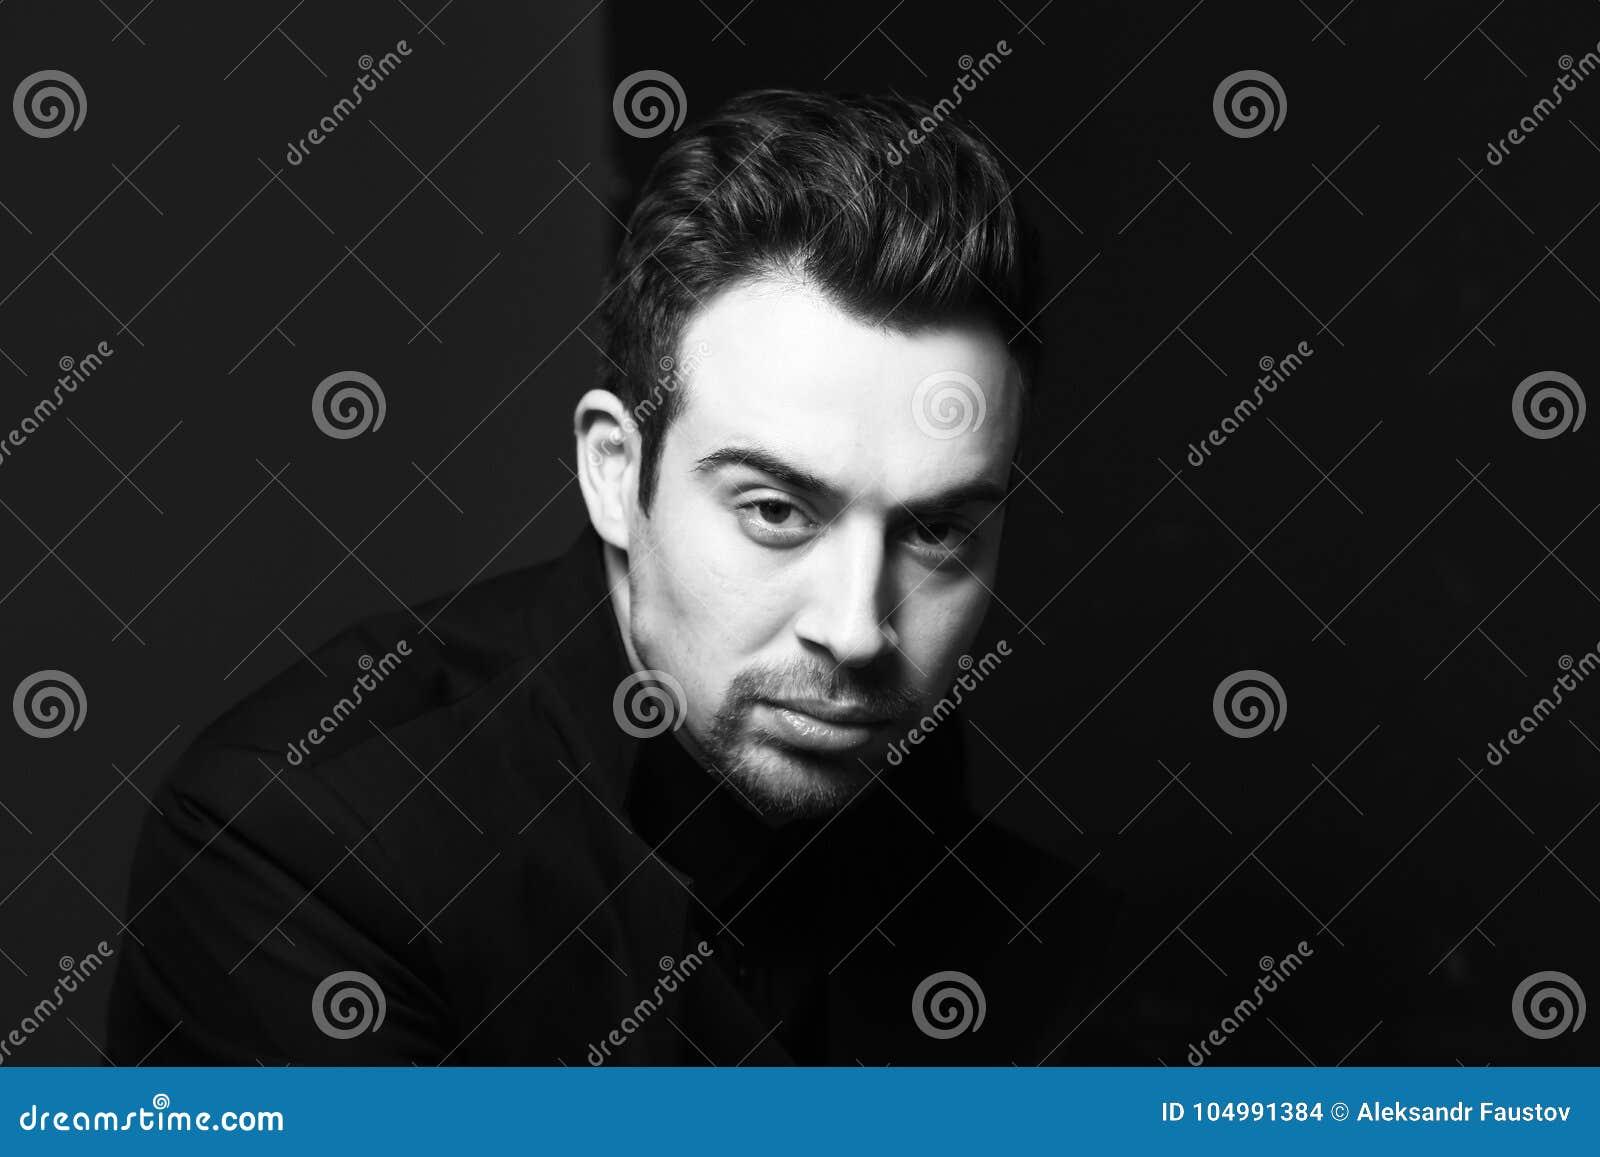 El retrato blanco y negro de un hombre hermoso joven serio se vistió en la iluminación negra, dramática